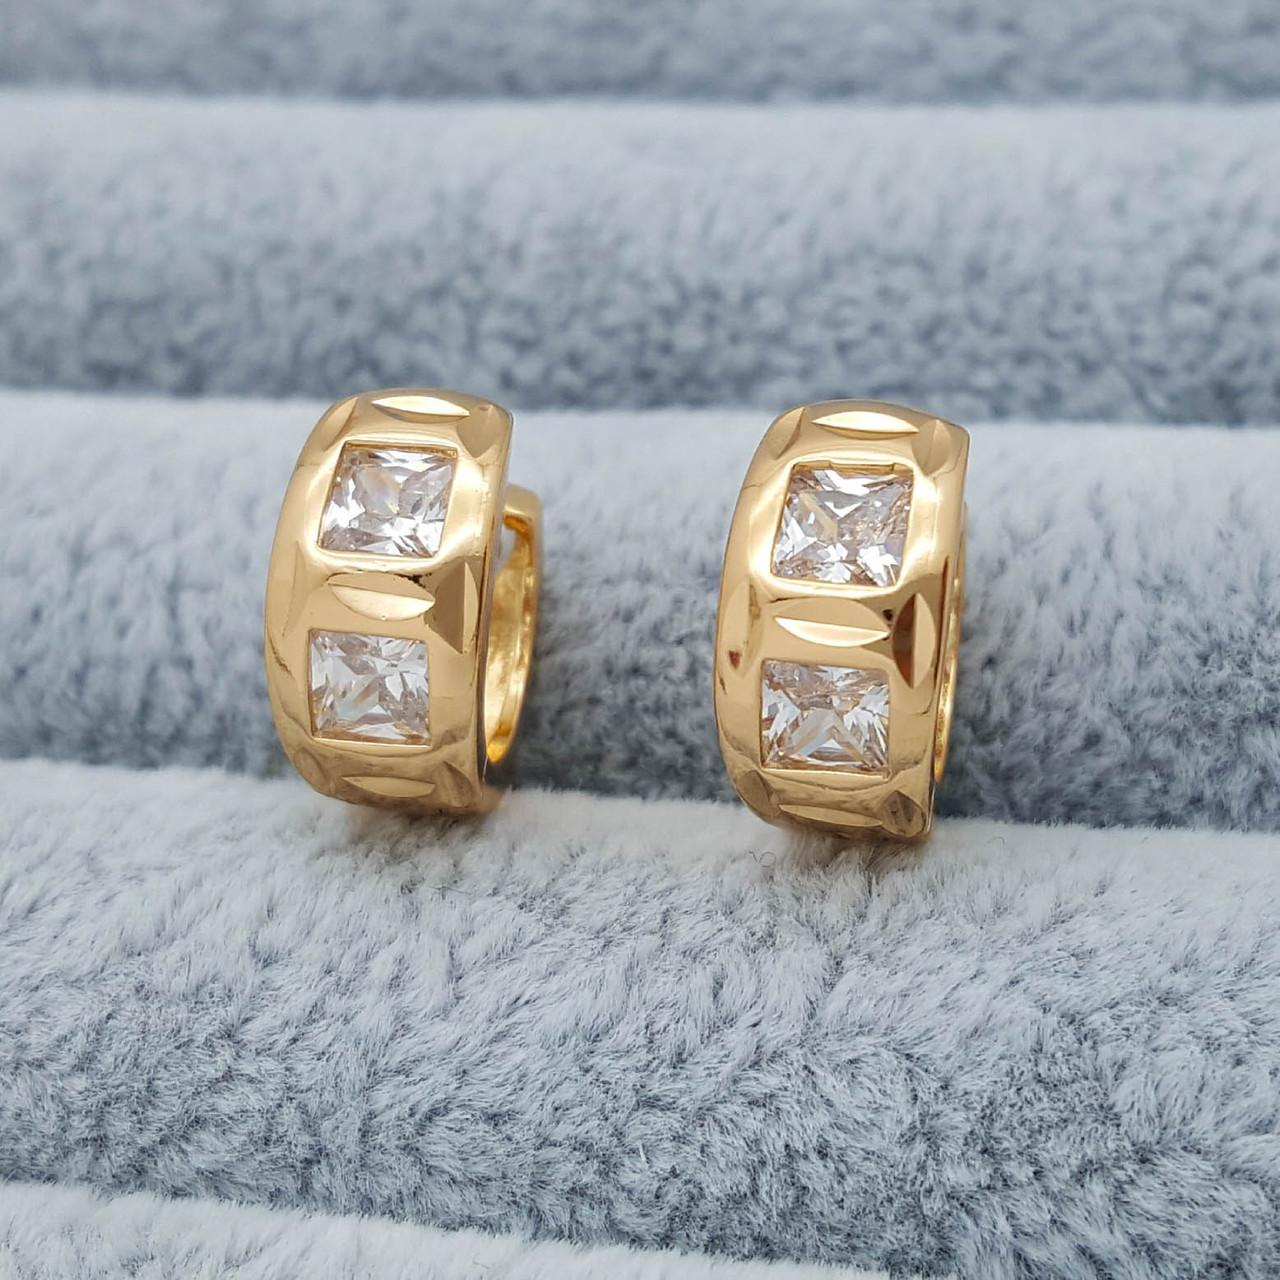 Сережки, Кільця з різбленням та кубічним цирконієм, позолота Xuping, 18К